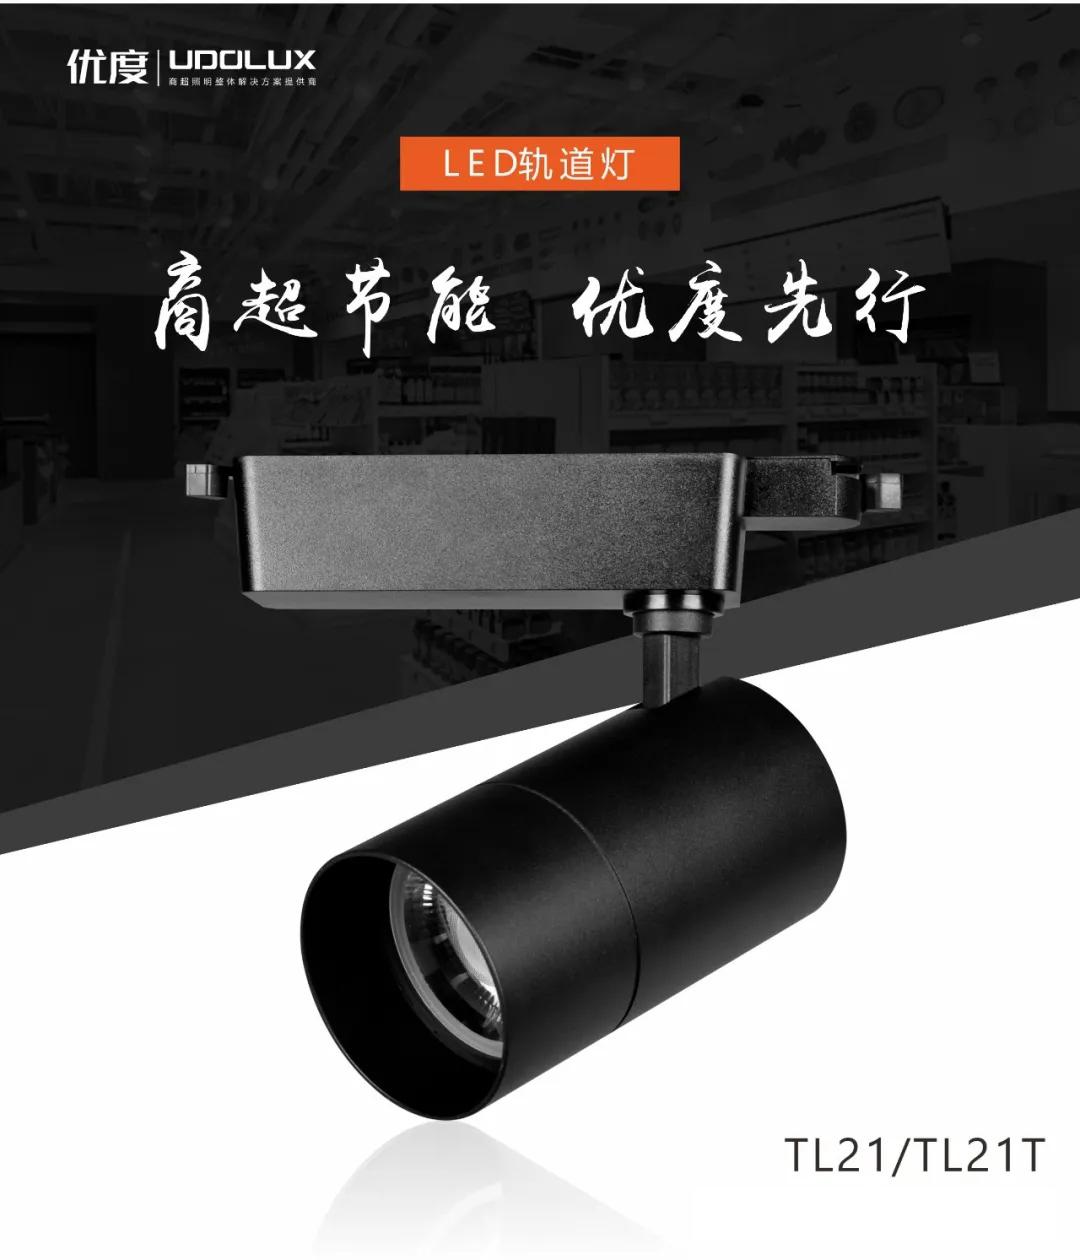 优度照明TL21/TL21T轨道灯--高光效与节能结合